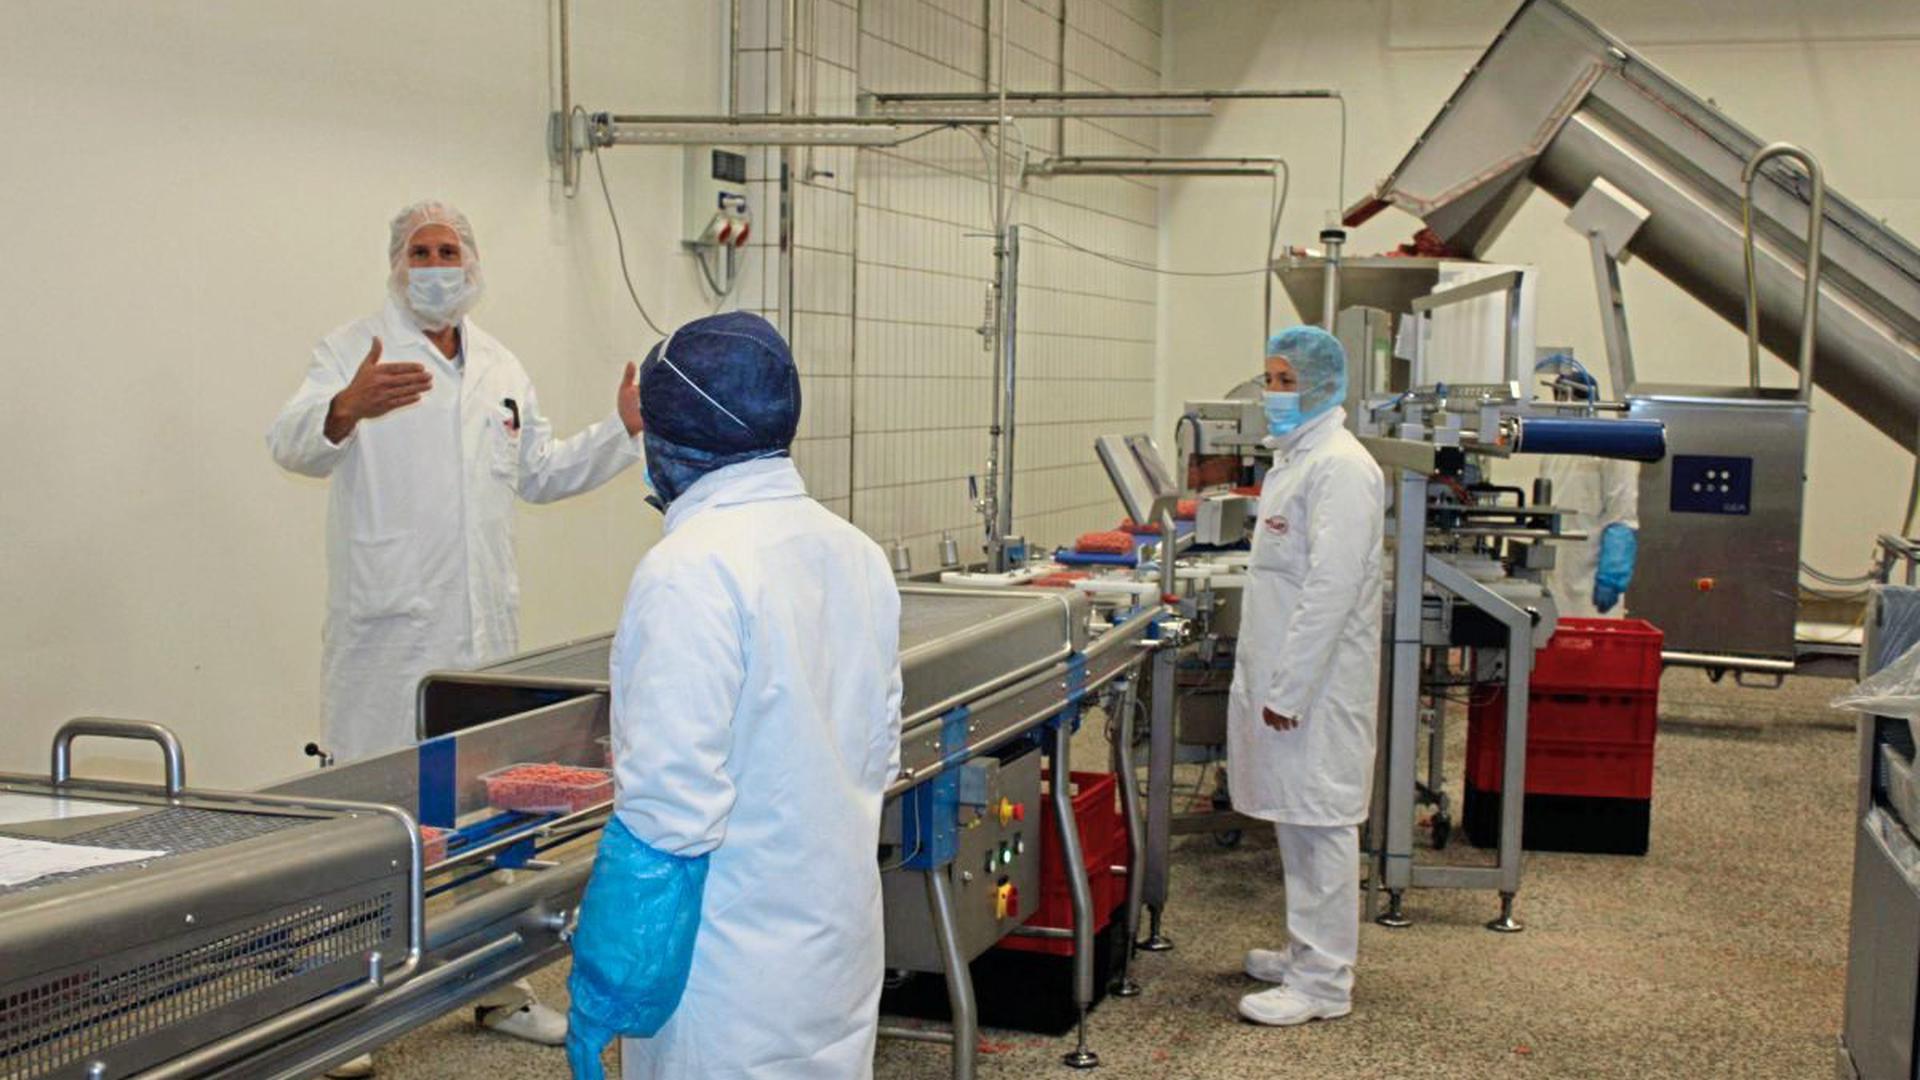 Hackfleisch über Hackfleisch ist seit Ausbruch der Corona-Pandemie bei Müller-Fleisch nachgefragt, erzählt Geschäftsführer Martin Müller (links). Es wird in Birkenfeld in unterschiedlicher Qualität nach Maßgabe von Groß- und kleineren Kunden verpackt.